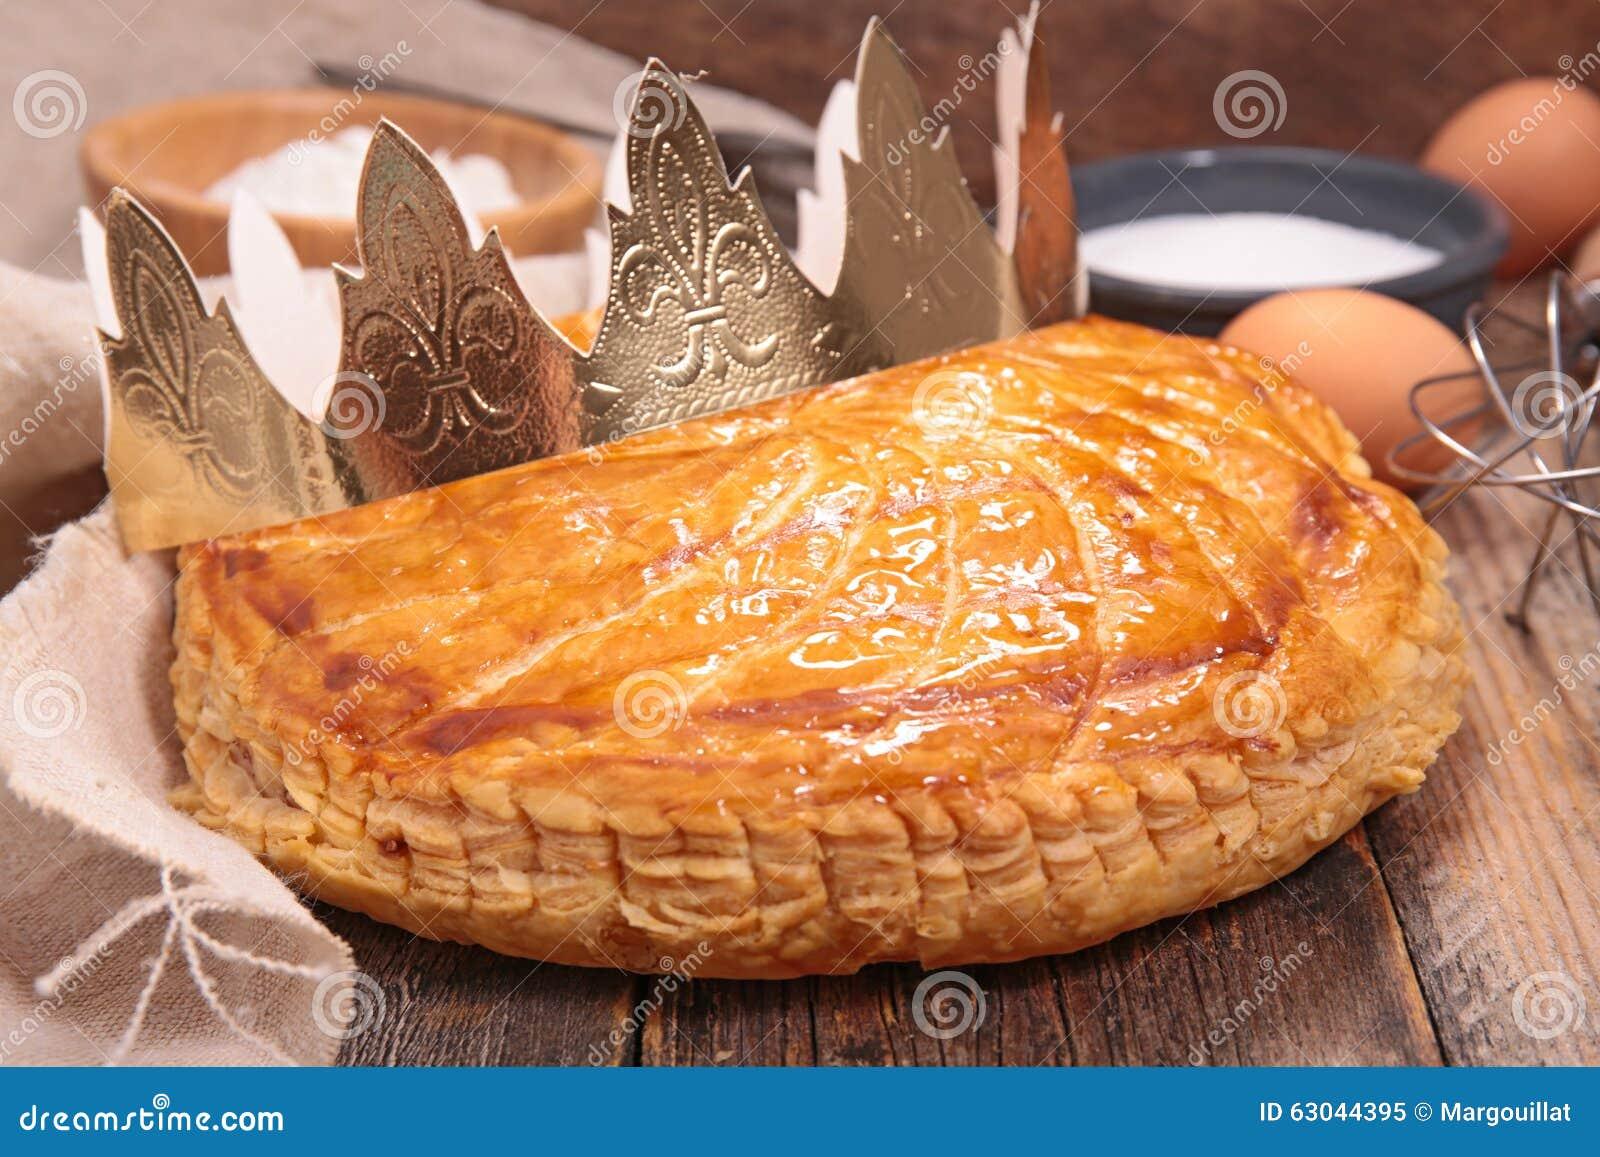 Epiphany Cake Stock Photo - Image: 63044395